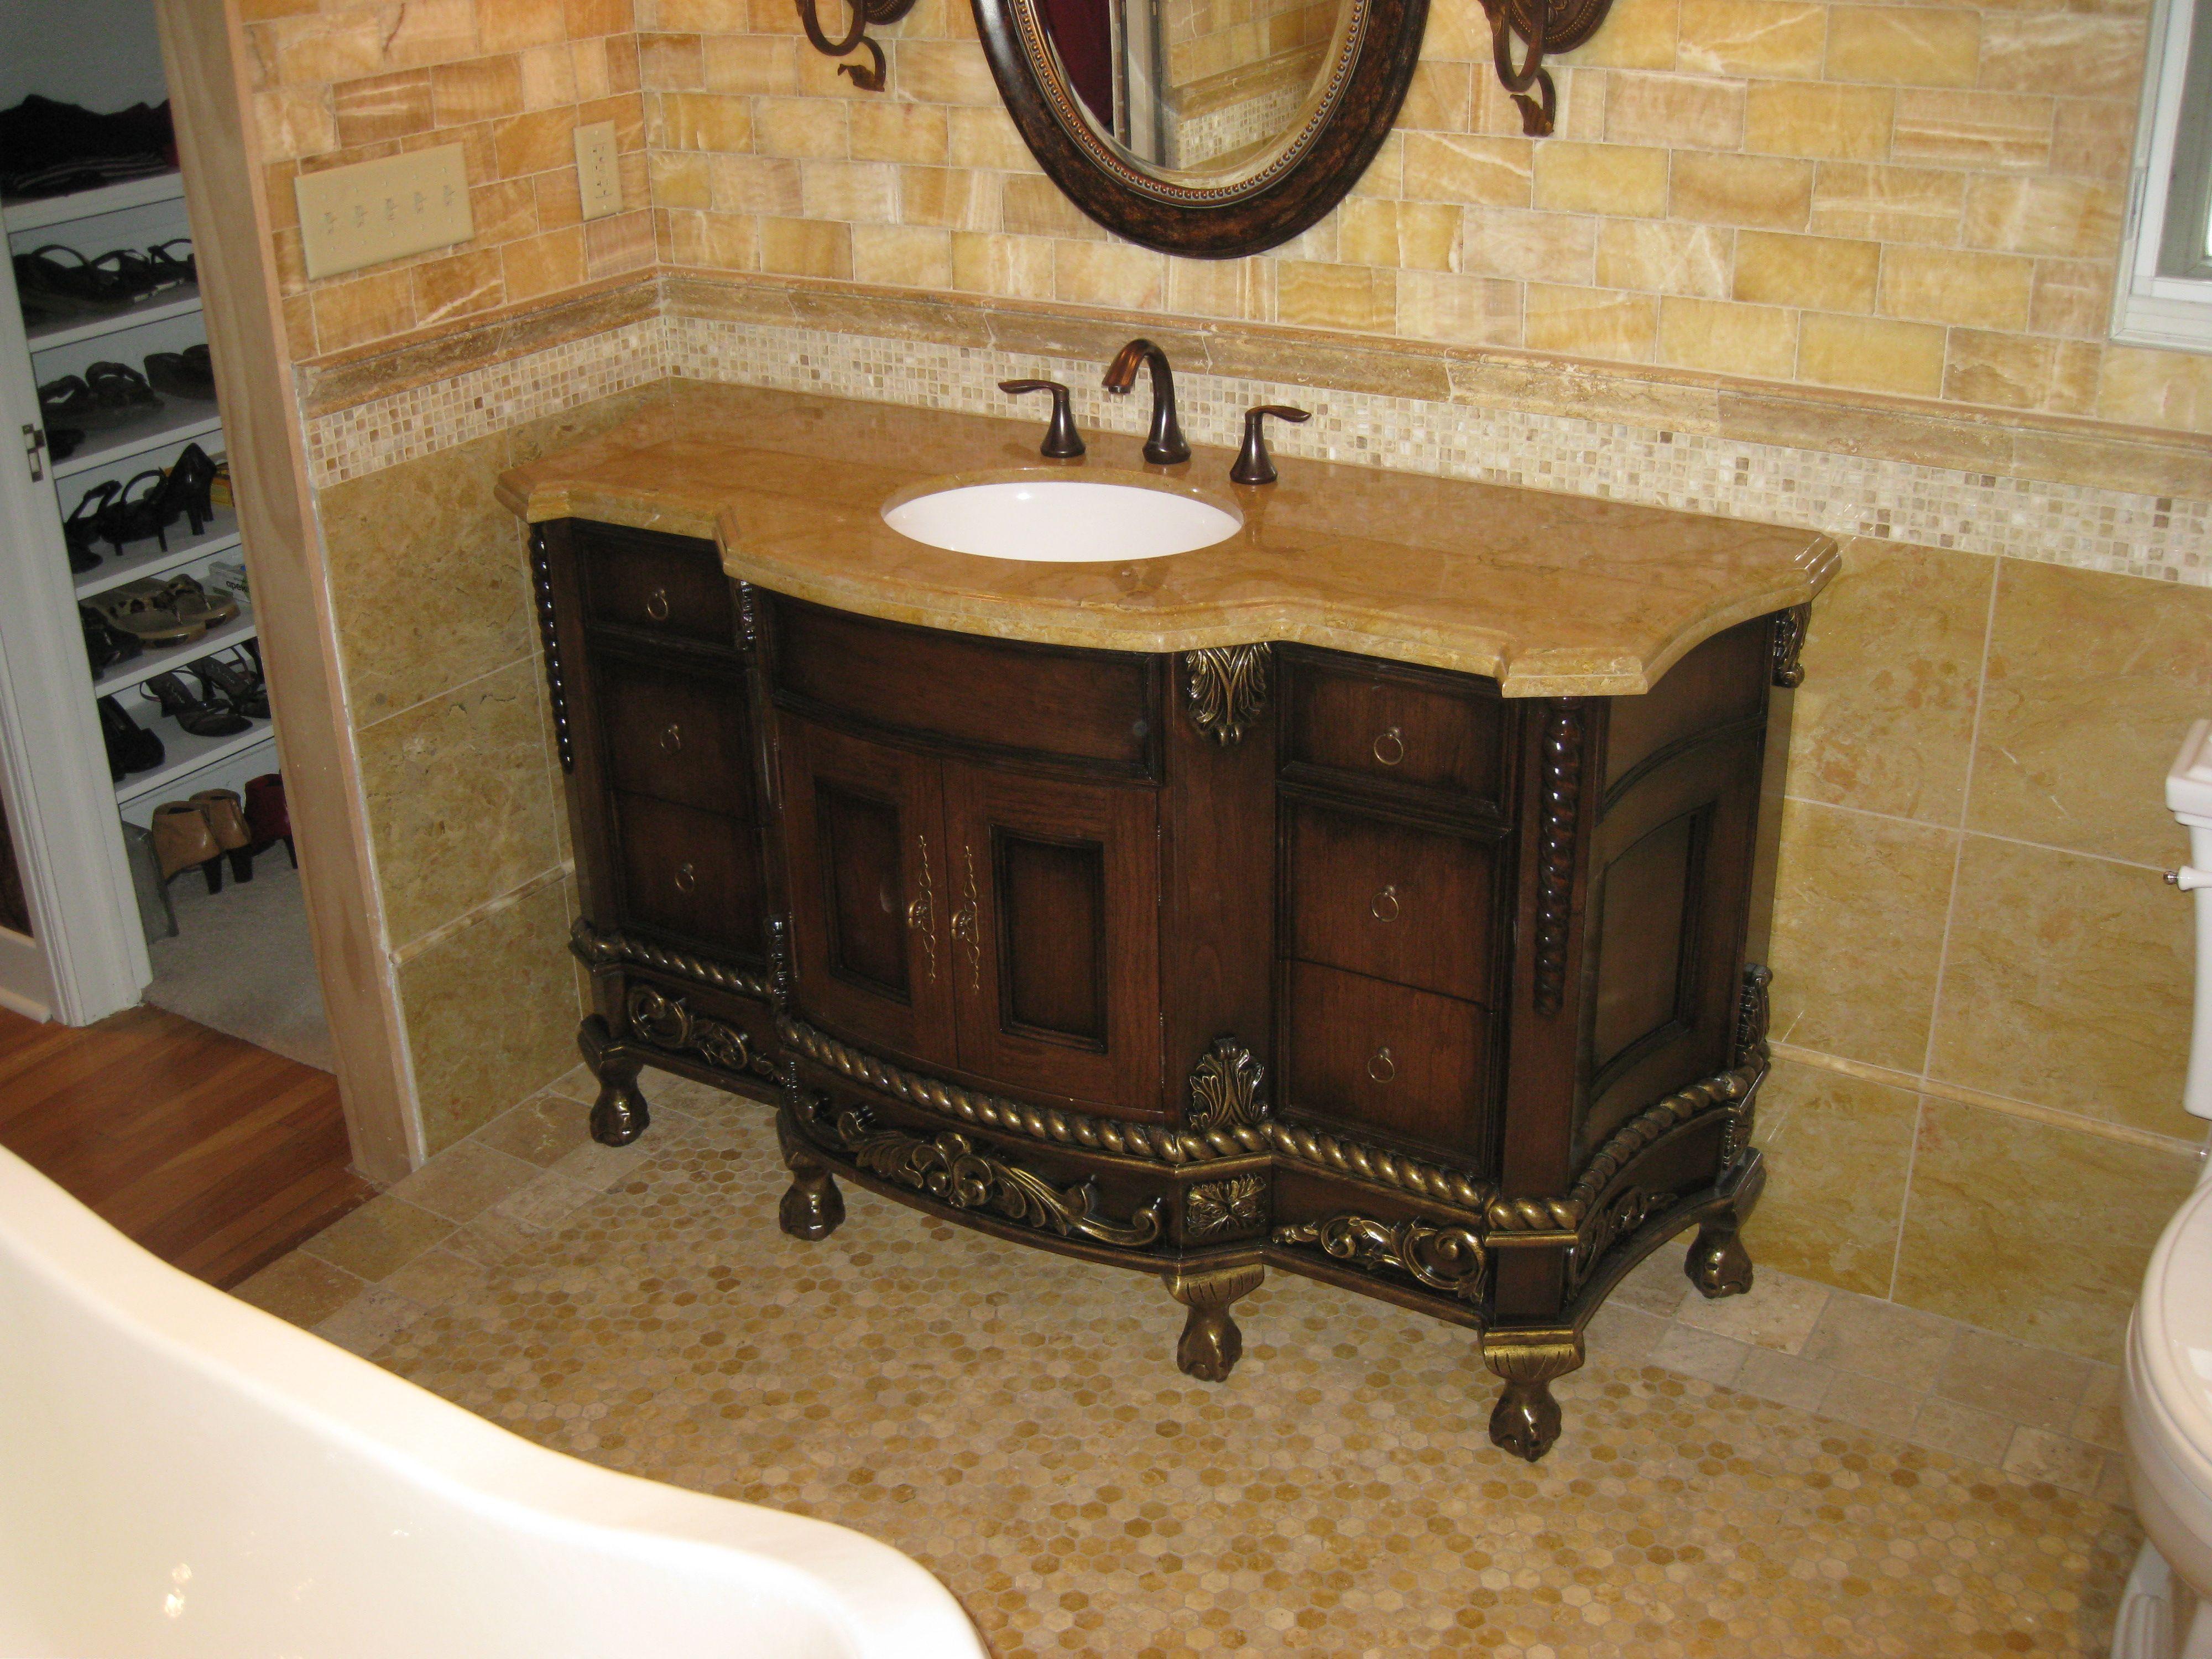 Unique Brown Wooden Bathroom Vanities with Tops with Single Sink